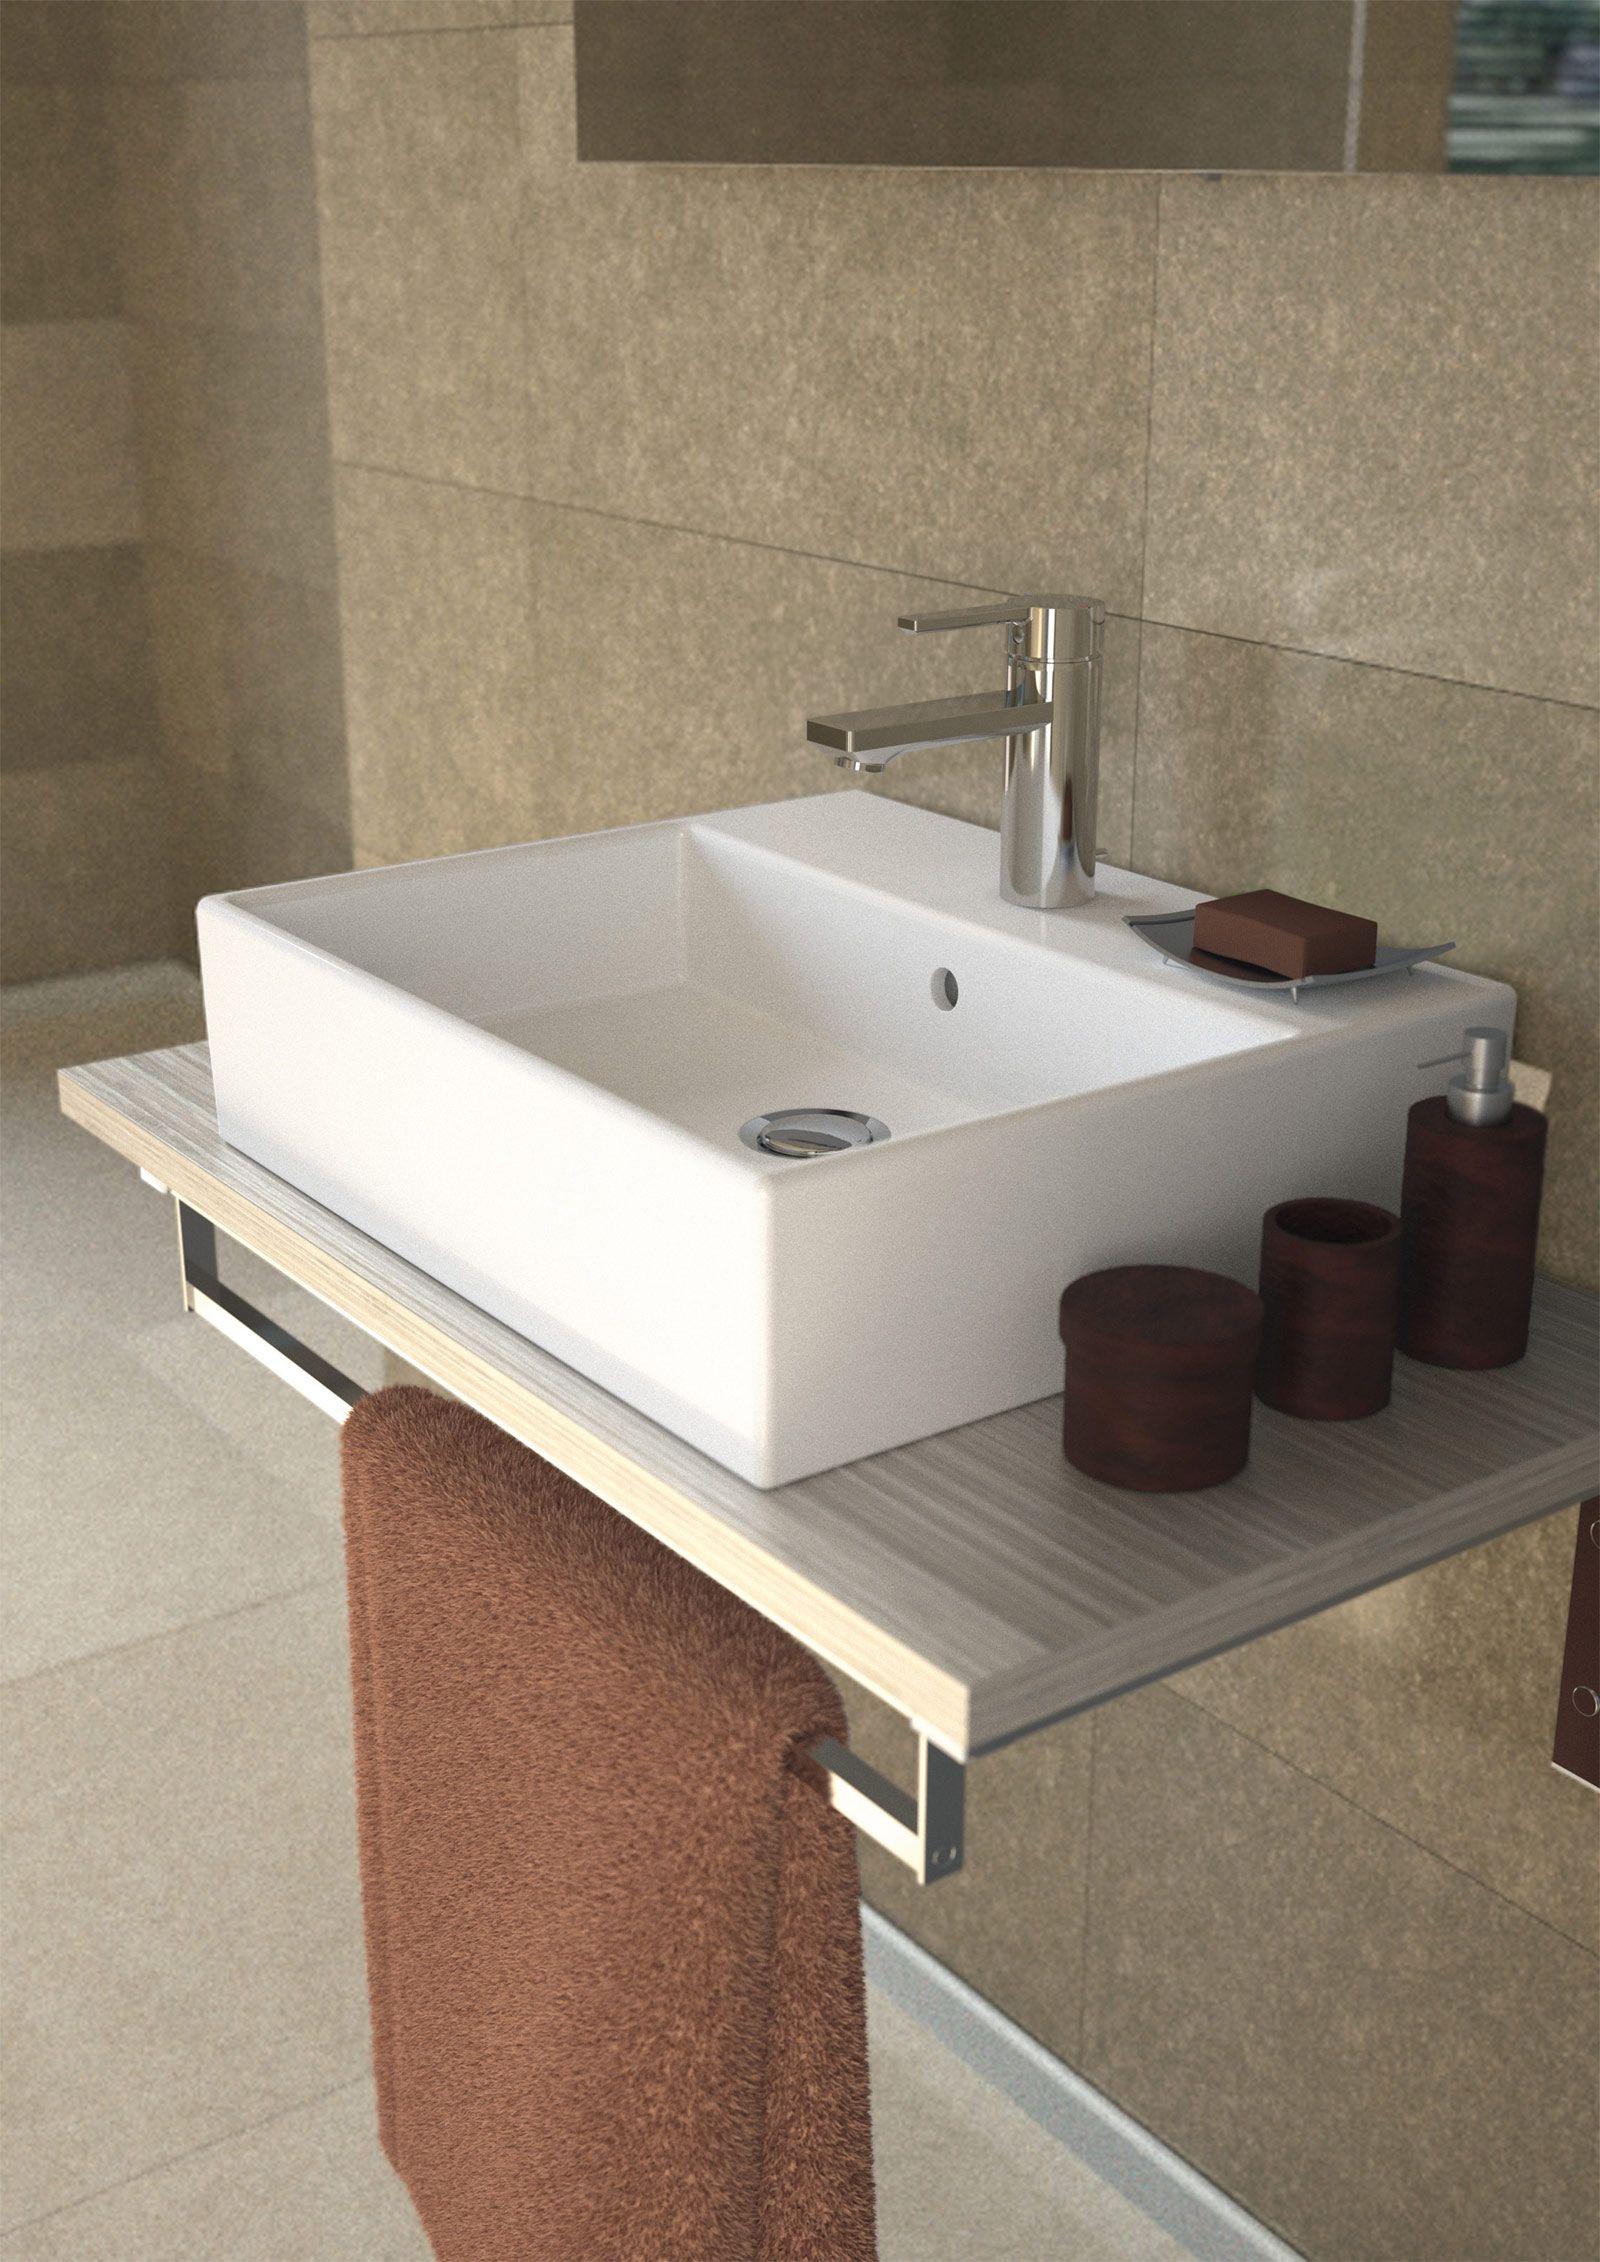 Lavandini Bagno Low Cost Foto Modelli Dimensioni Prezzi Bagno